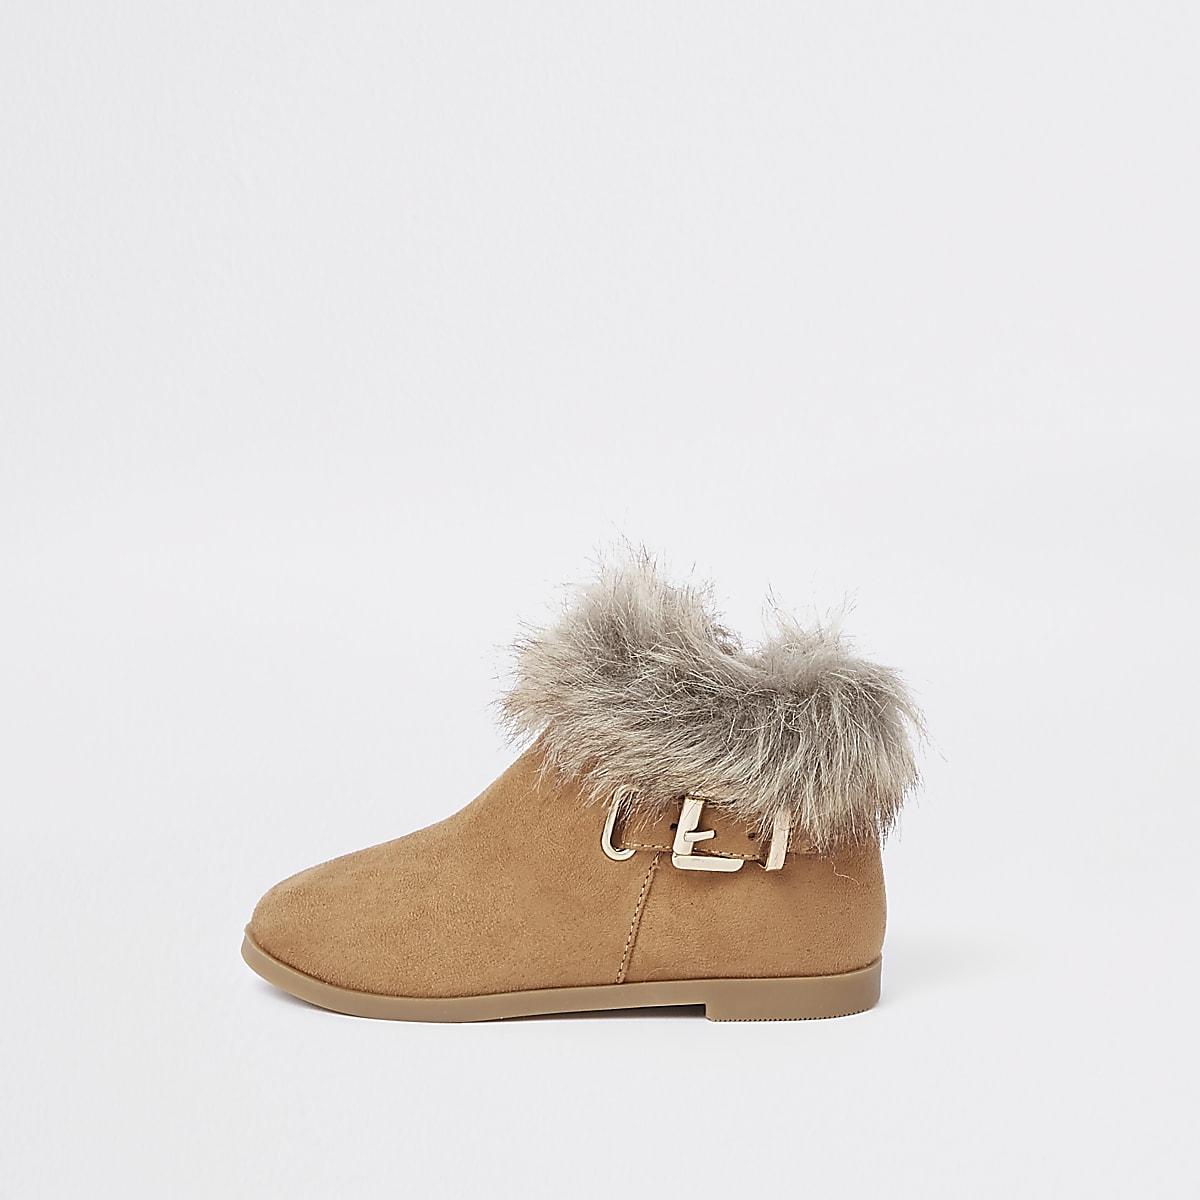 Mini - Bruine laarzen met gesp en voering van imitatiebont voor meisjes